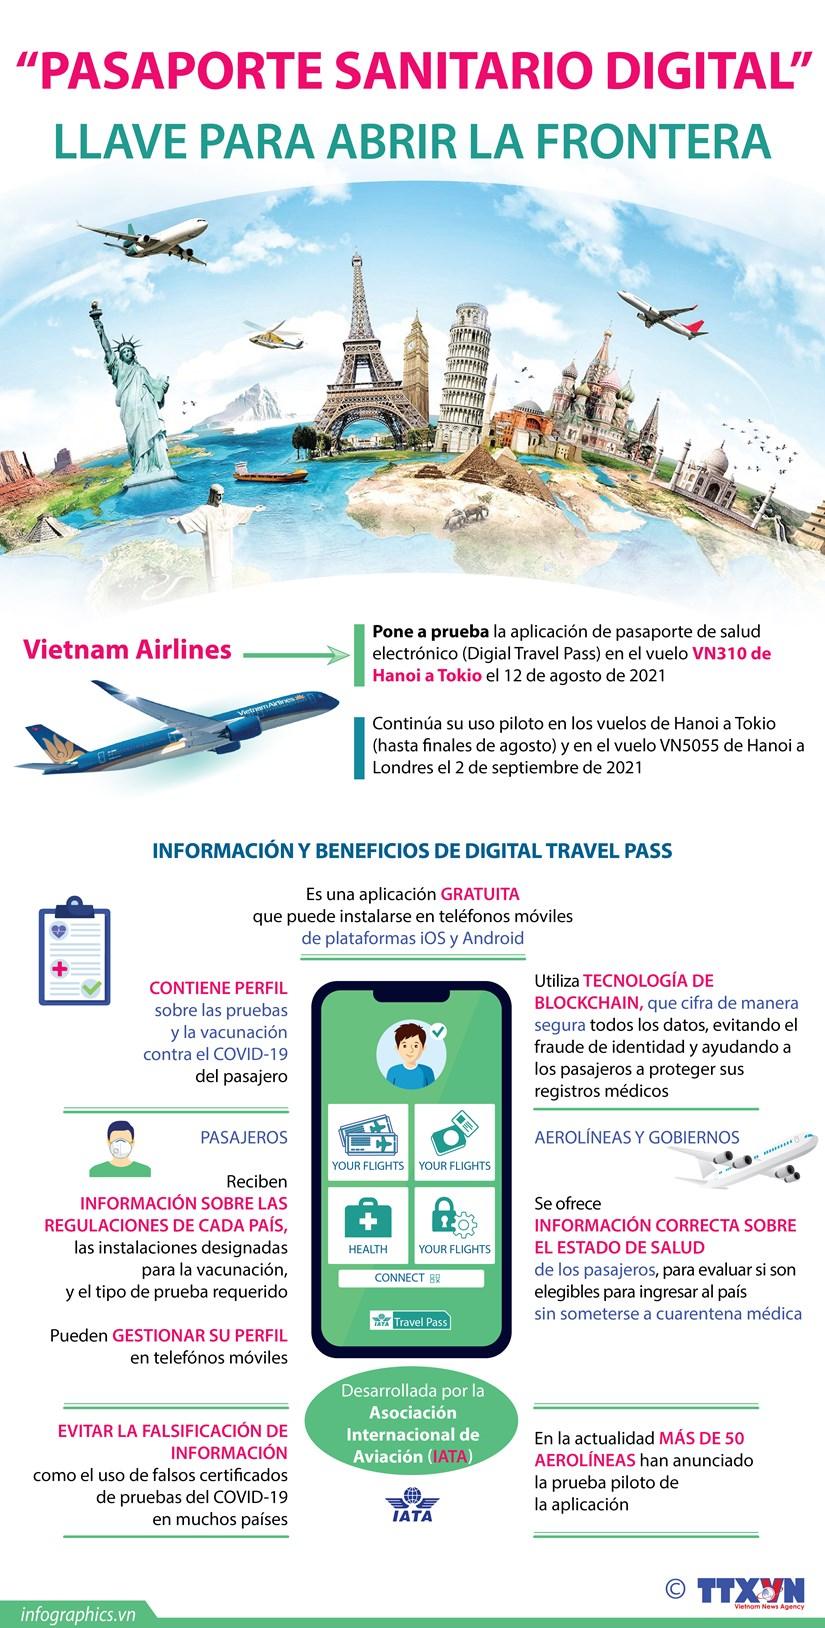 Pasaporte sanitario digital: Llave para abrir la frontera hinh anh 1